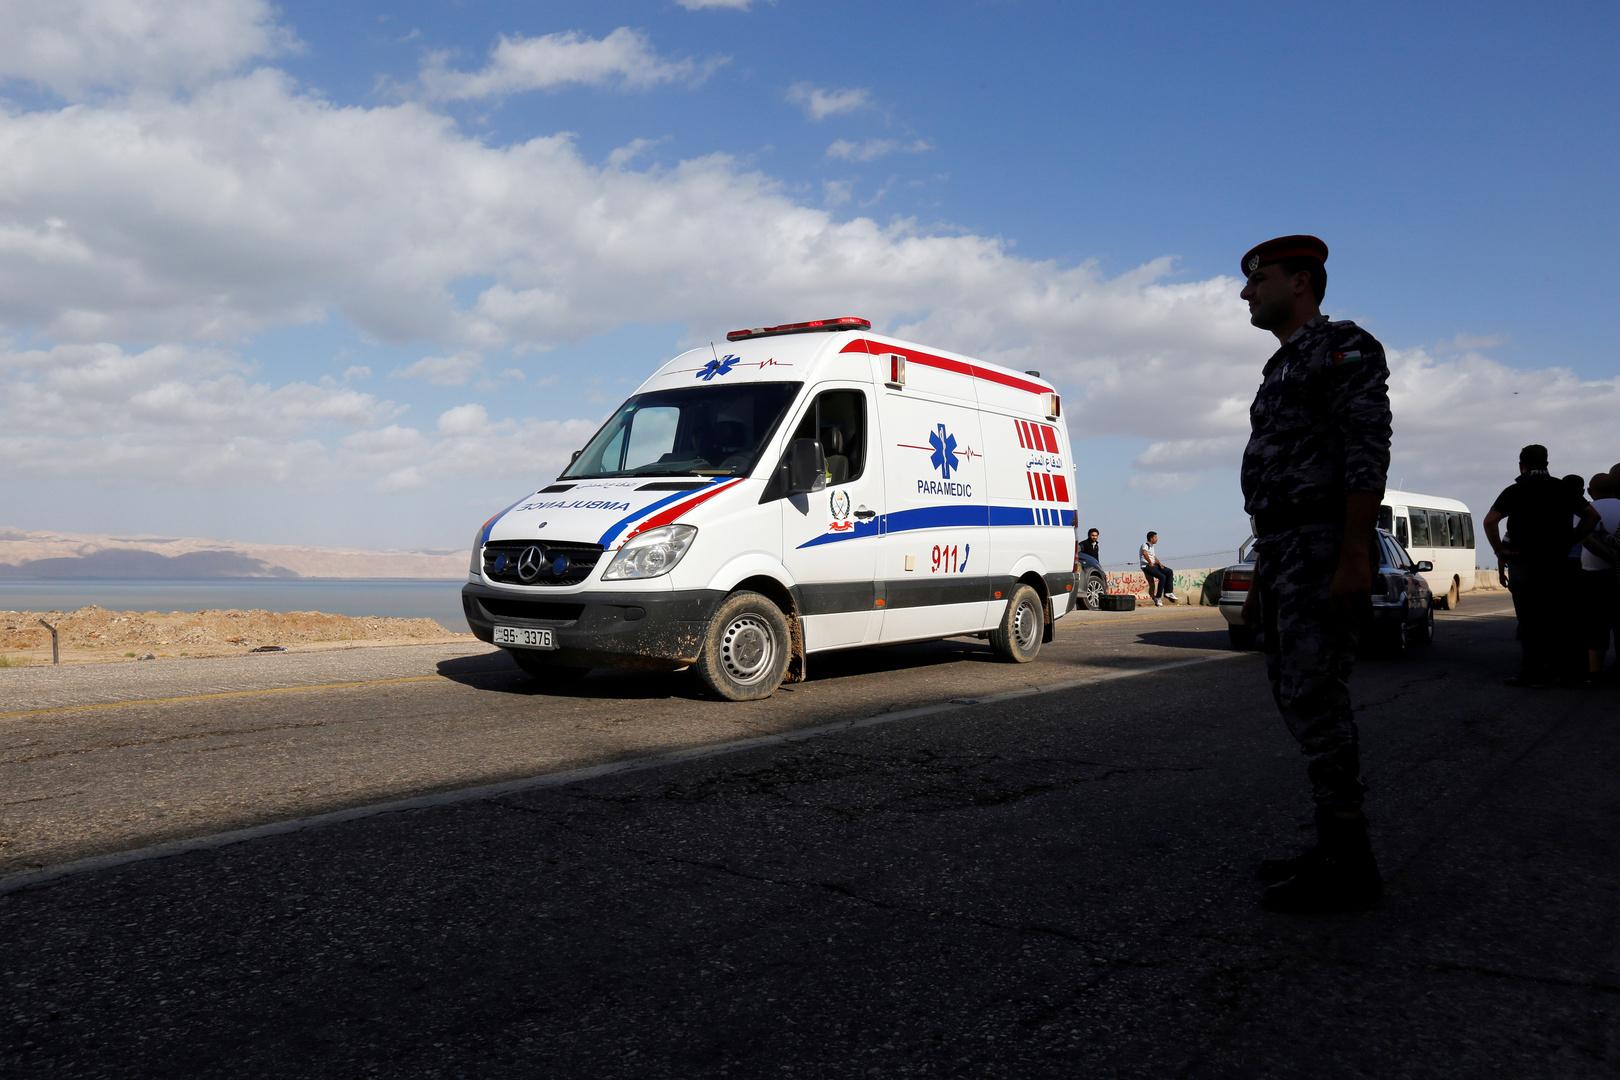 مقتل 13 باكستانيا بينهم 8 أطفال في الأردن جراء حادث مأساوي